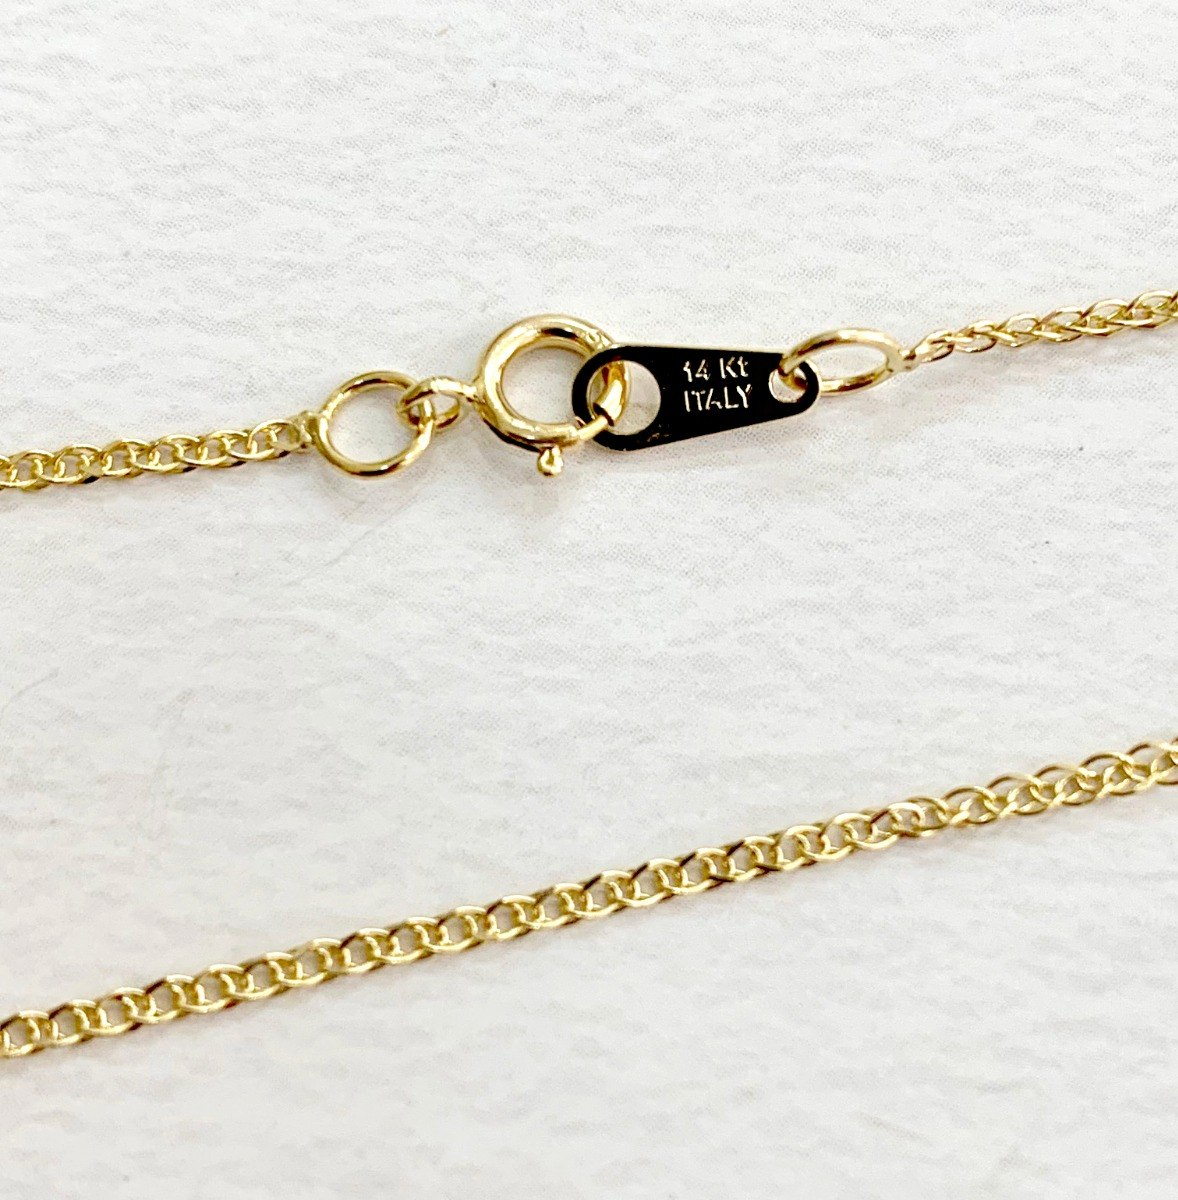 302b379ac02c cadena italiana con dije de niña en oro 14k nuni original. Cargando zoom.